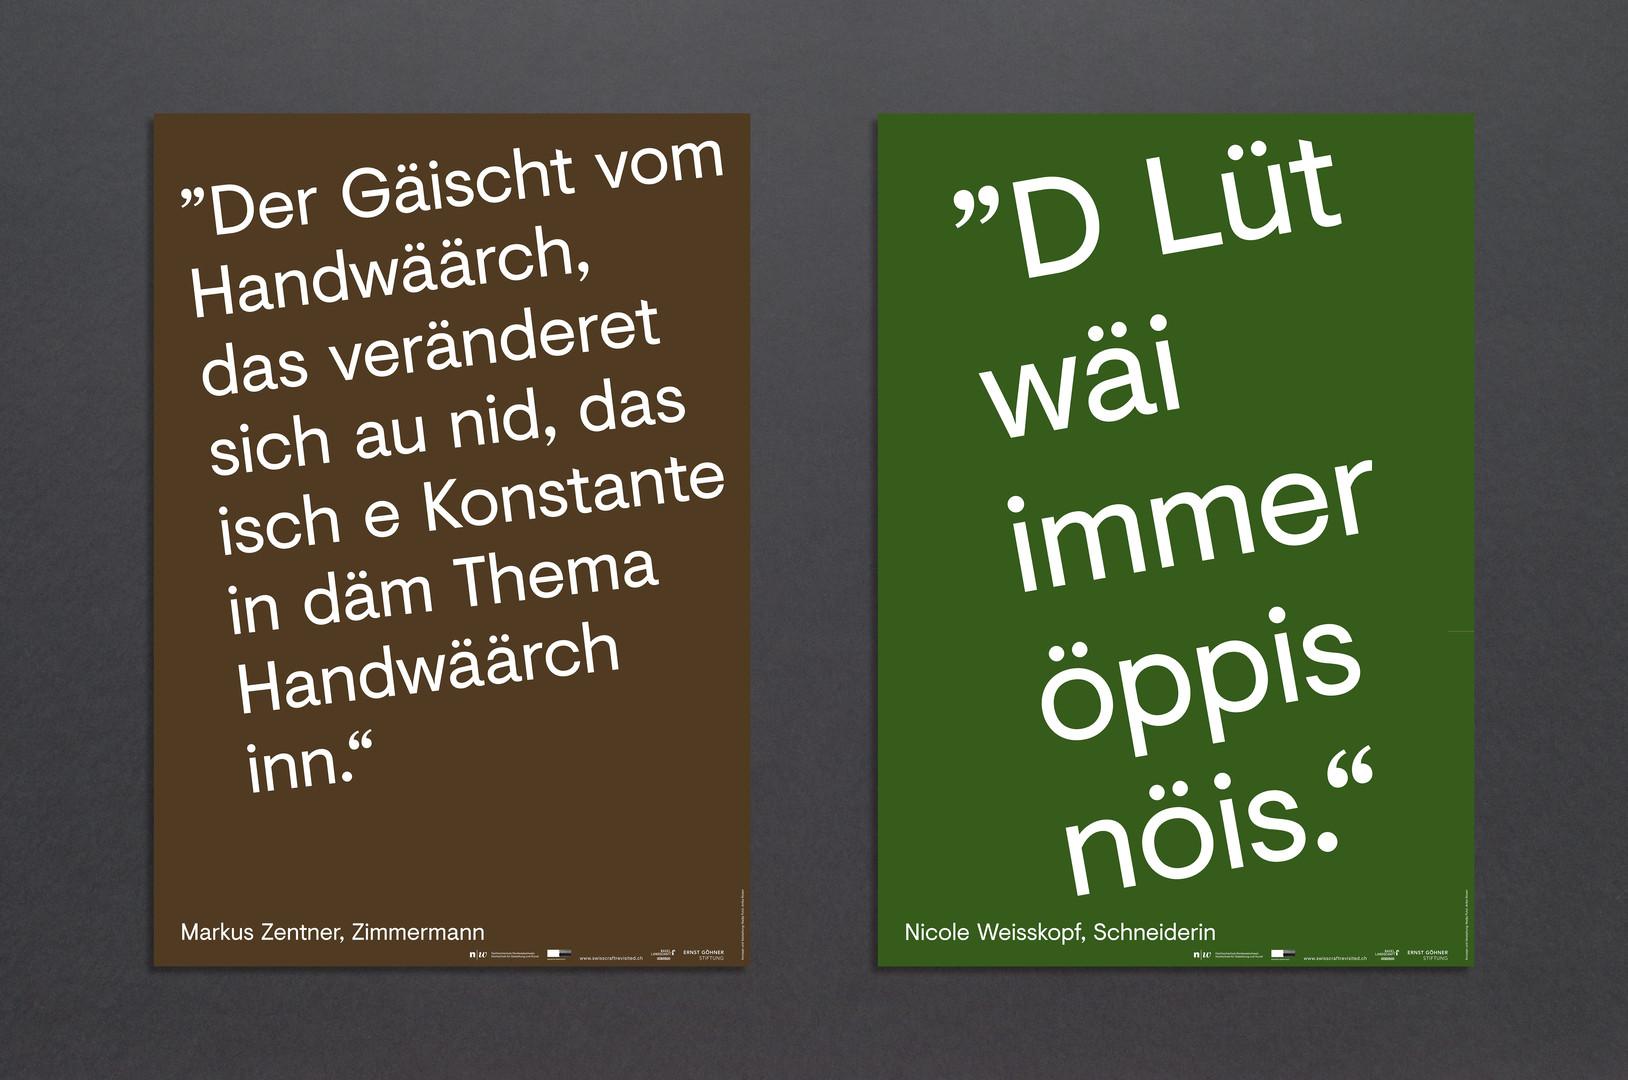 Handwerk-sprich_4.jpg